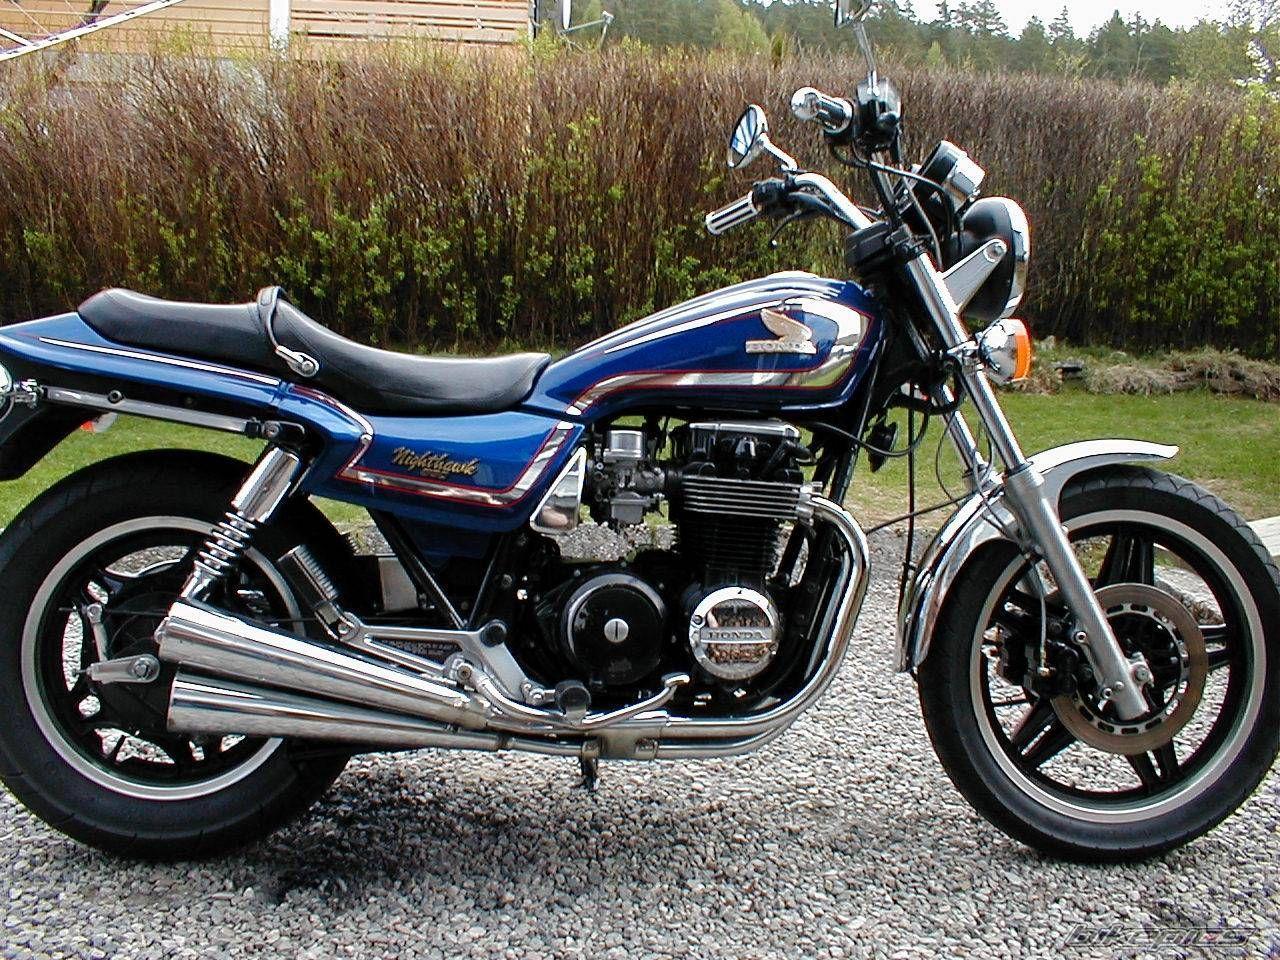 1982 honda nighthawk | 1982 Honda Nighthawk 650